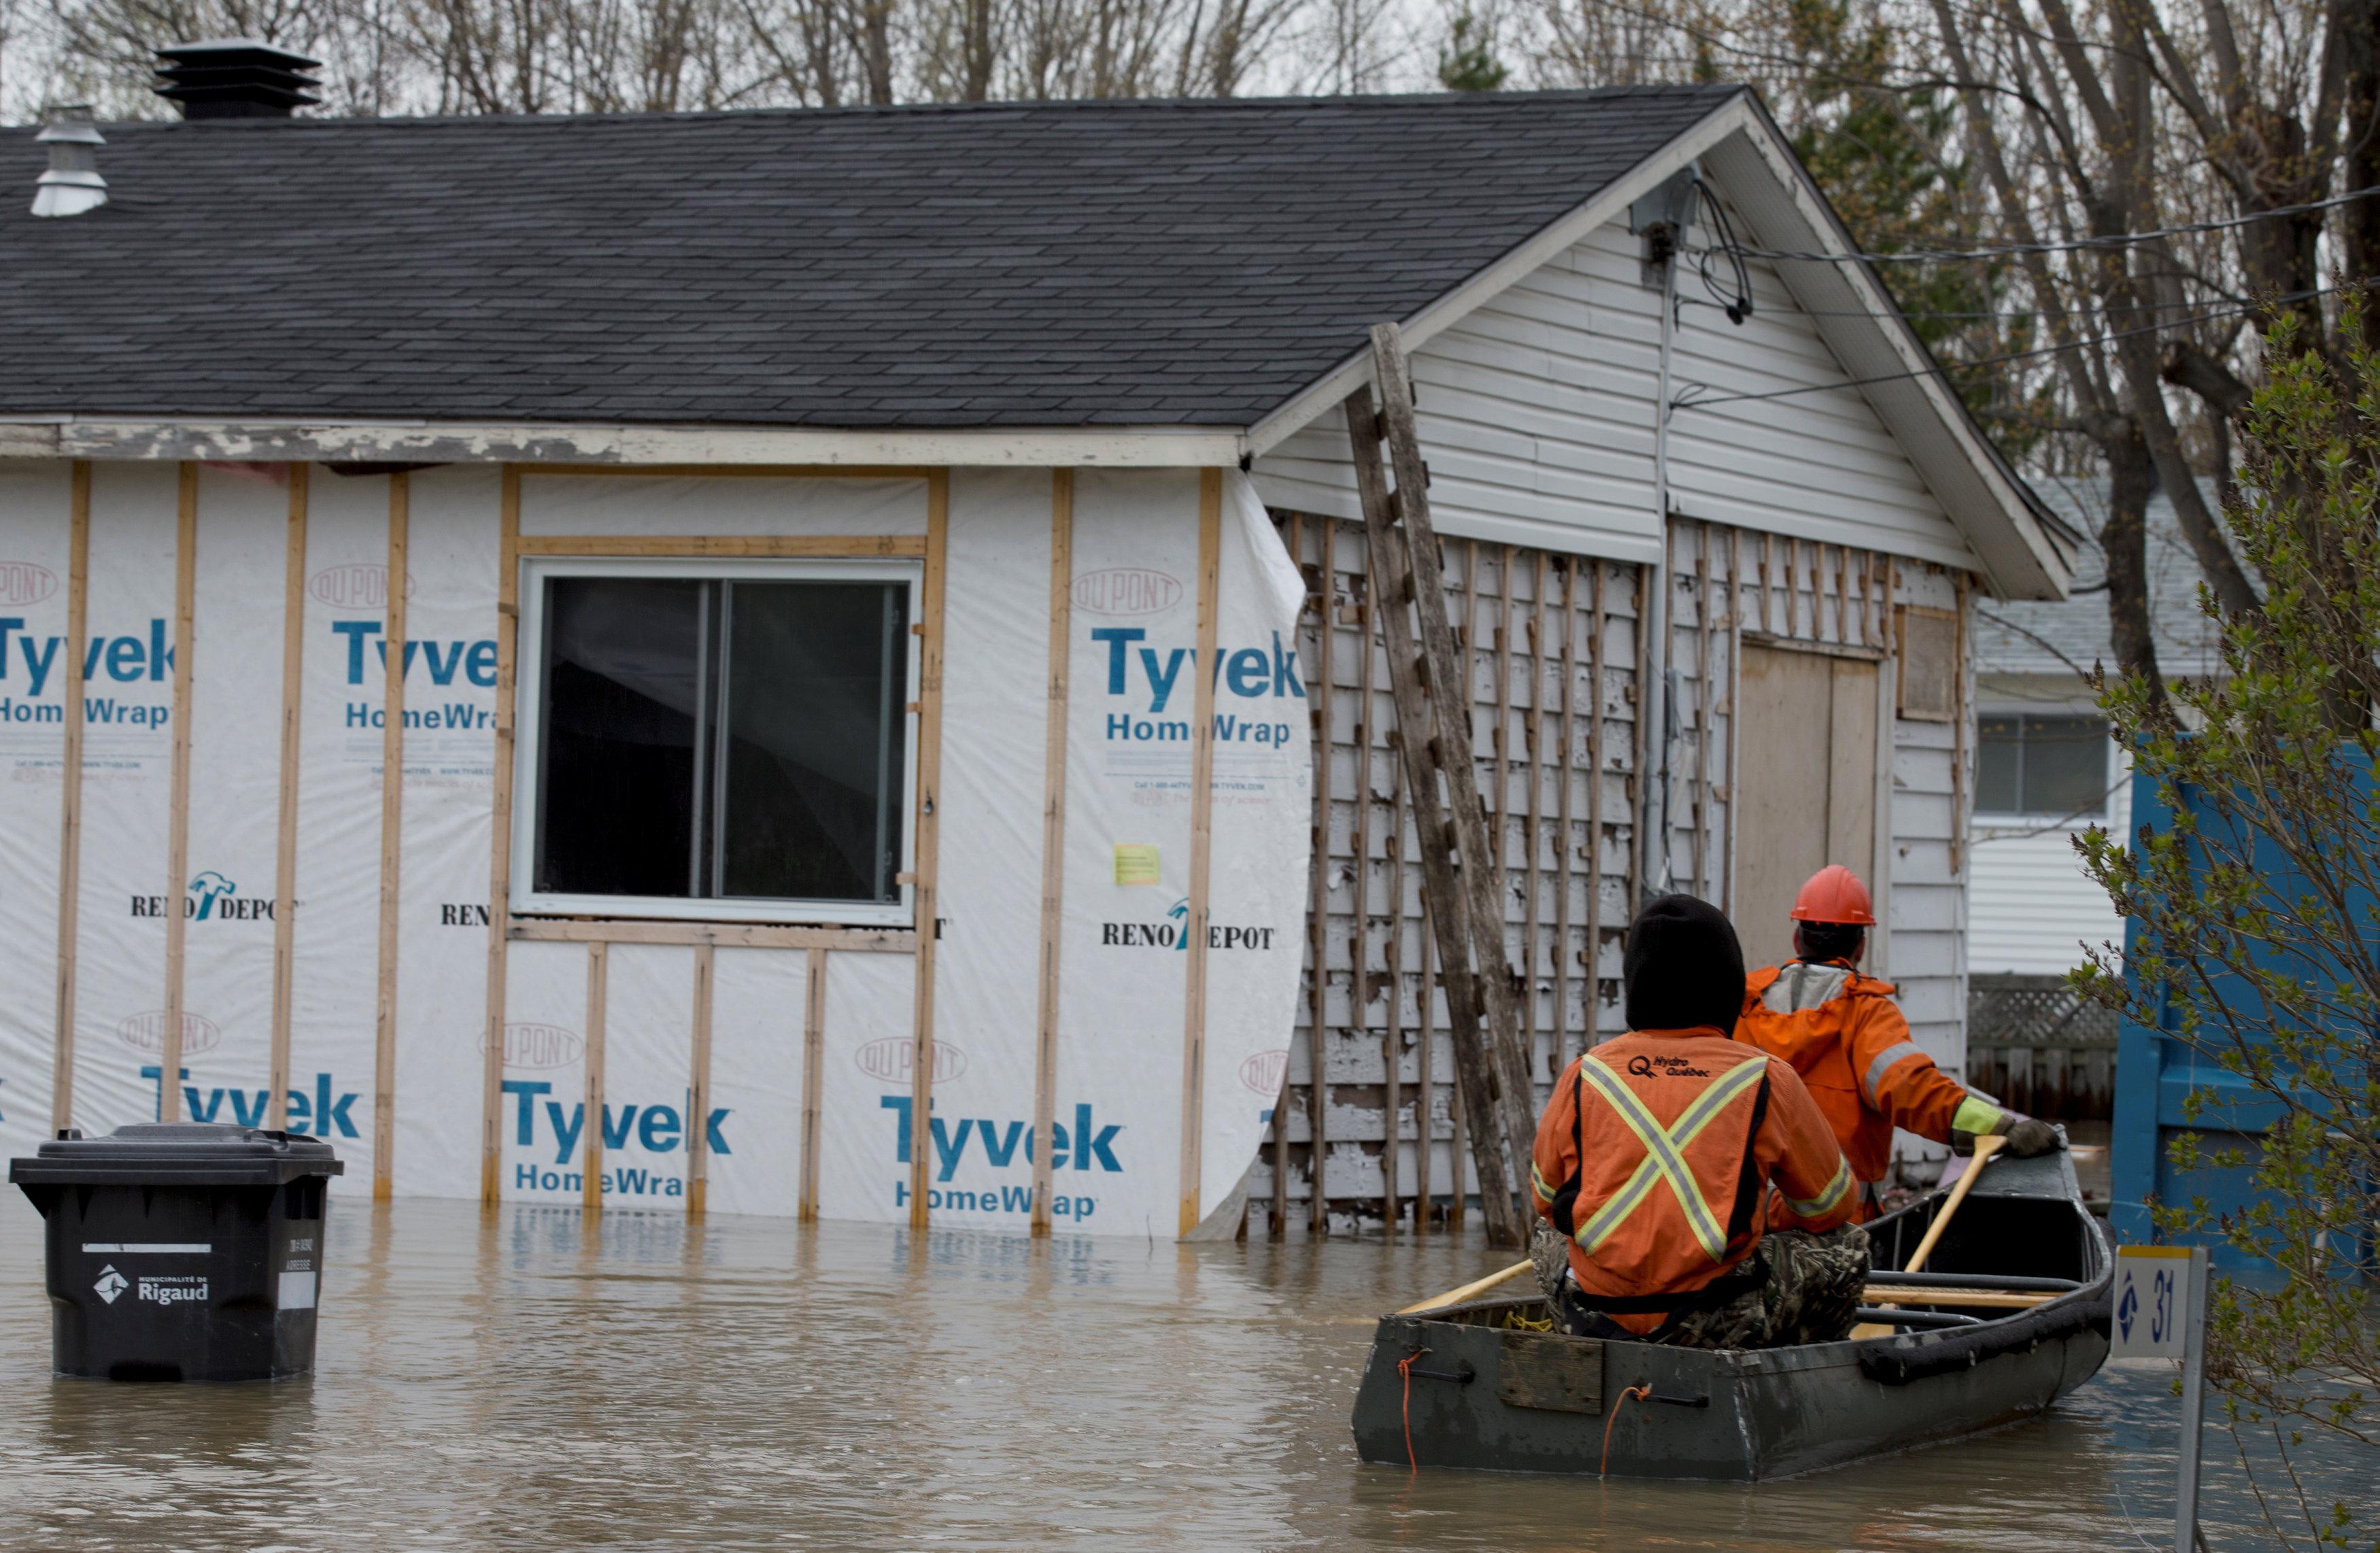 منزل وسط مياه الفيضانات